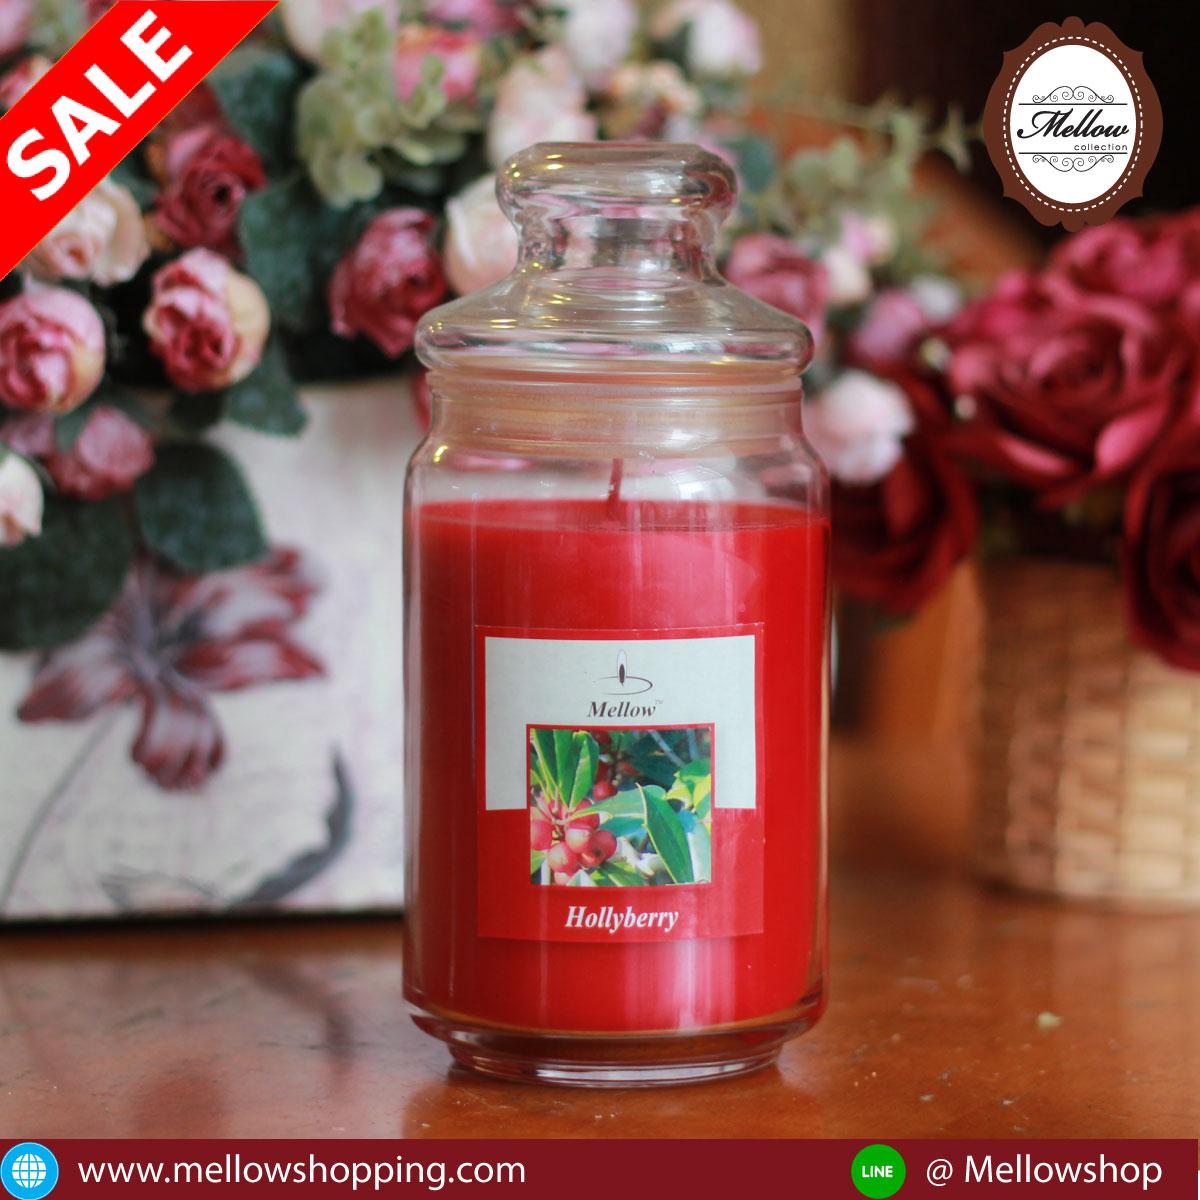 เทียนหอมในโหลแก้วอย่างดี 20 ออนซ์ กลิ่น Hollyberry (Jar Mottle Candle)